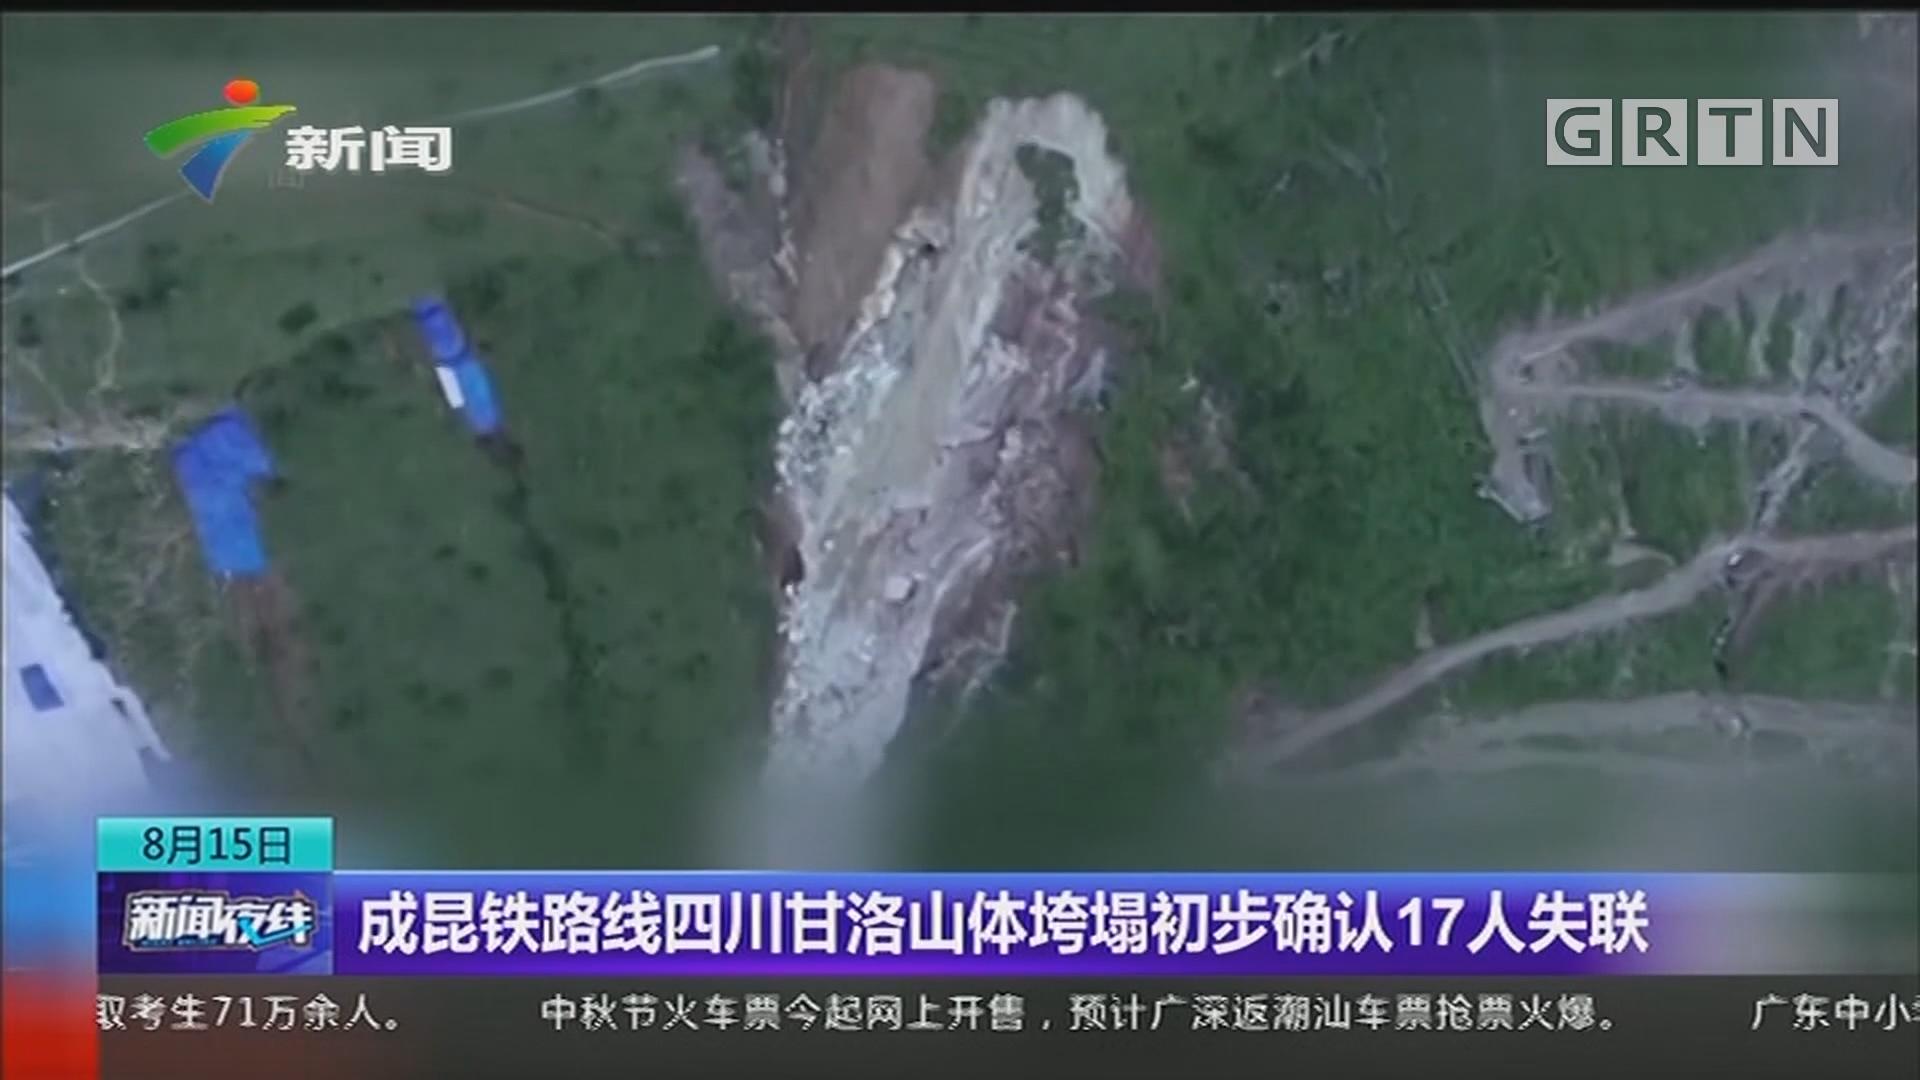 成昆铁路线四川甘洛山体垮塌初步确认17人失联